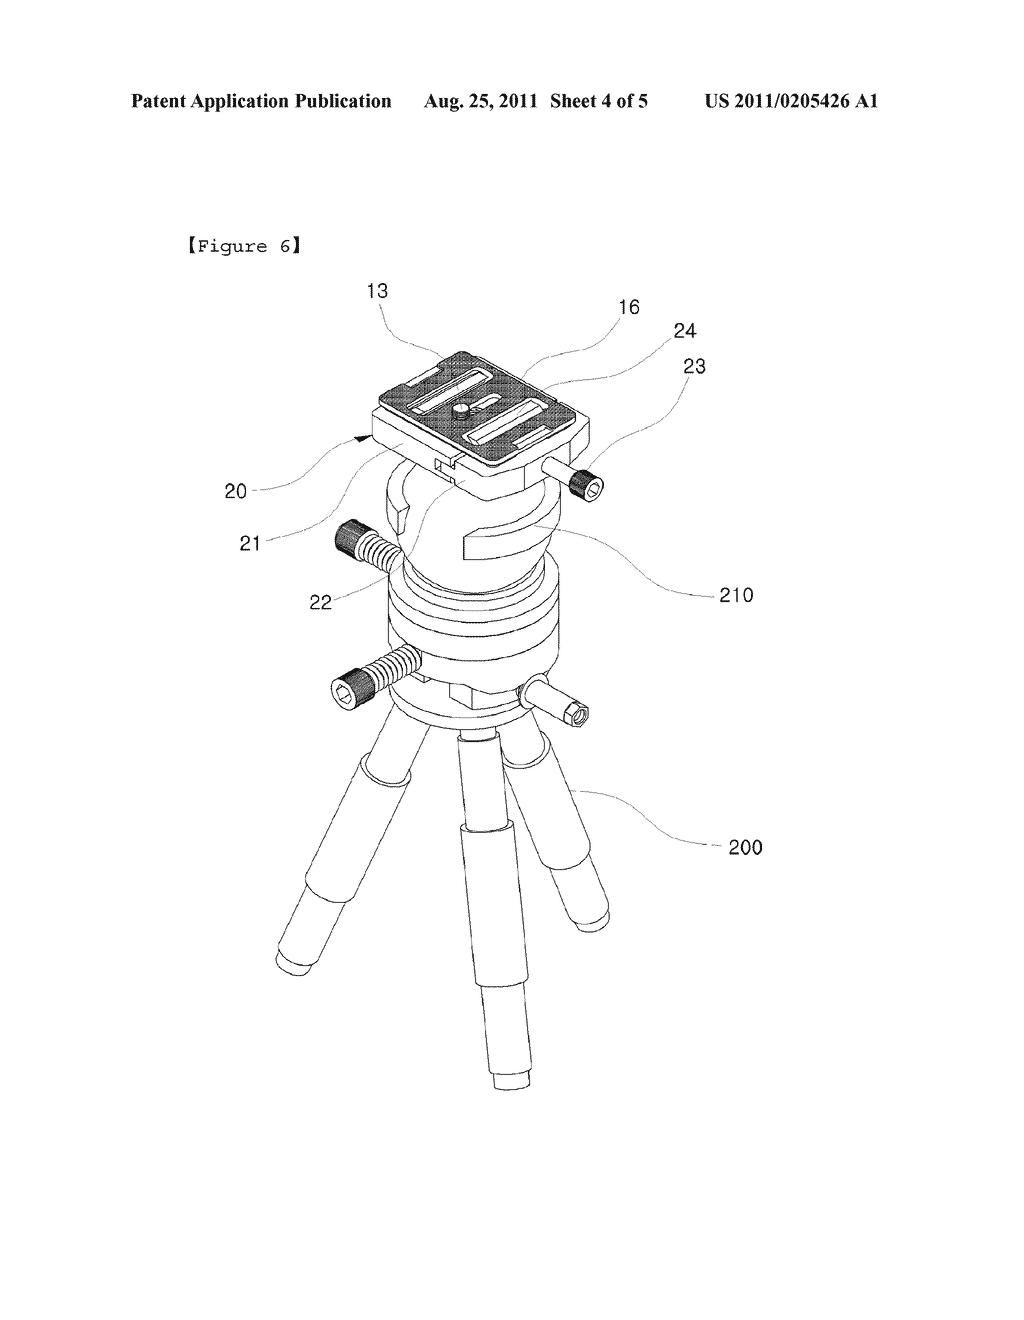 quick shoe for camera tripod diagram, schematic, and image 05Tripod Diagram #9